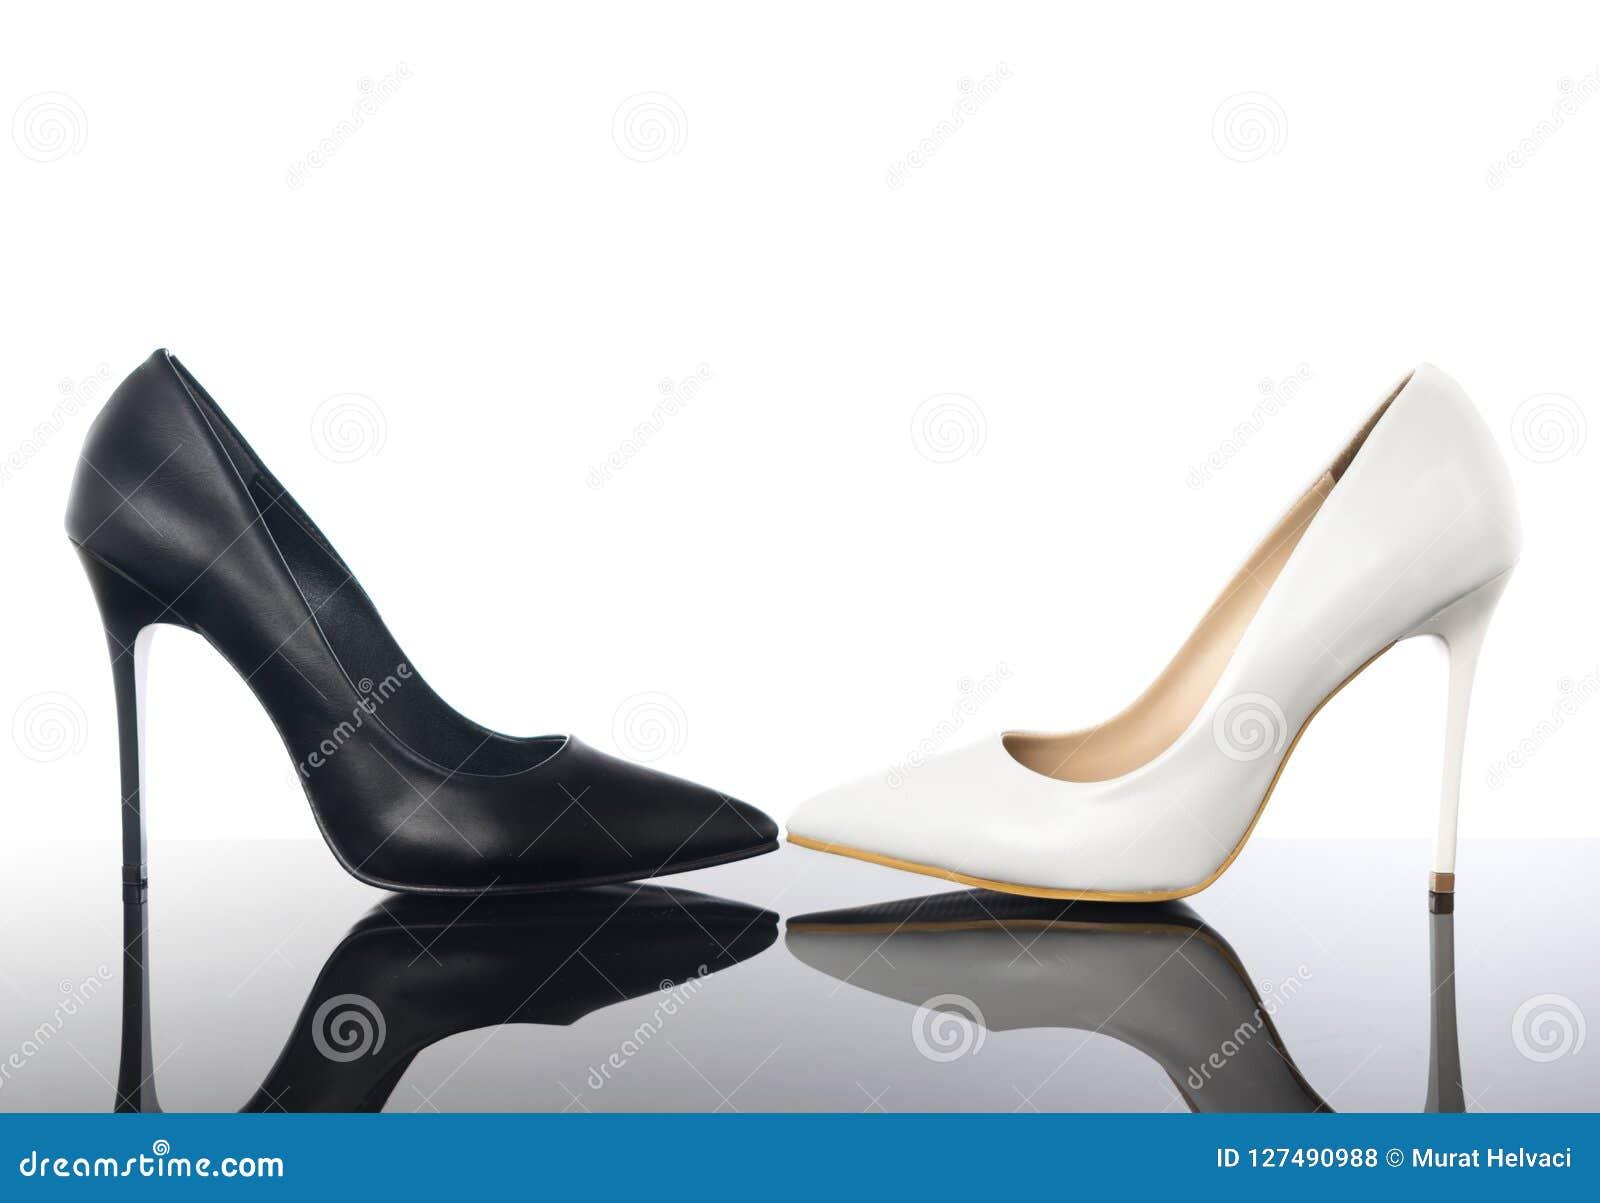 Estilete Del La De Negros Acentuada Y Blancos Zapatos Los Mujer mnN8wv0